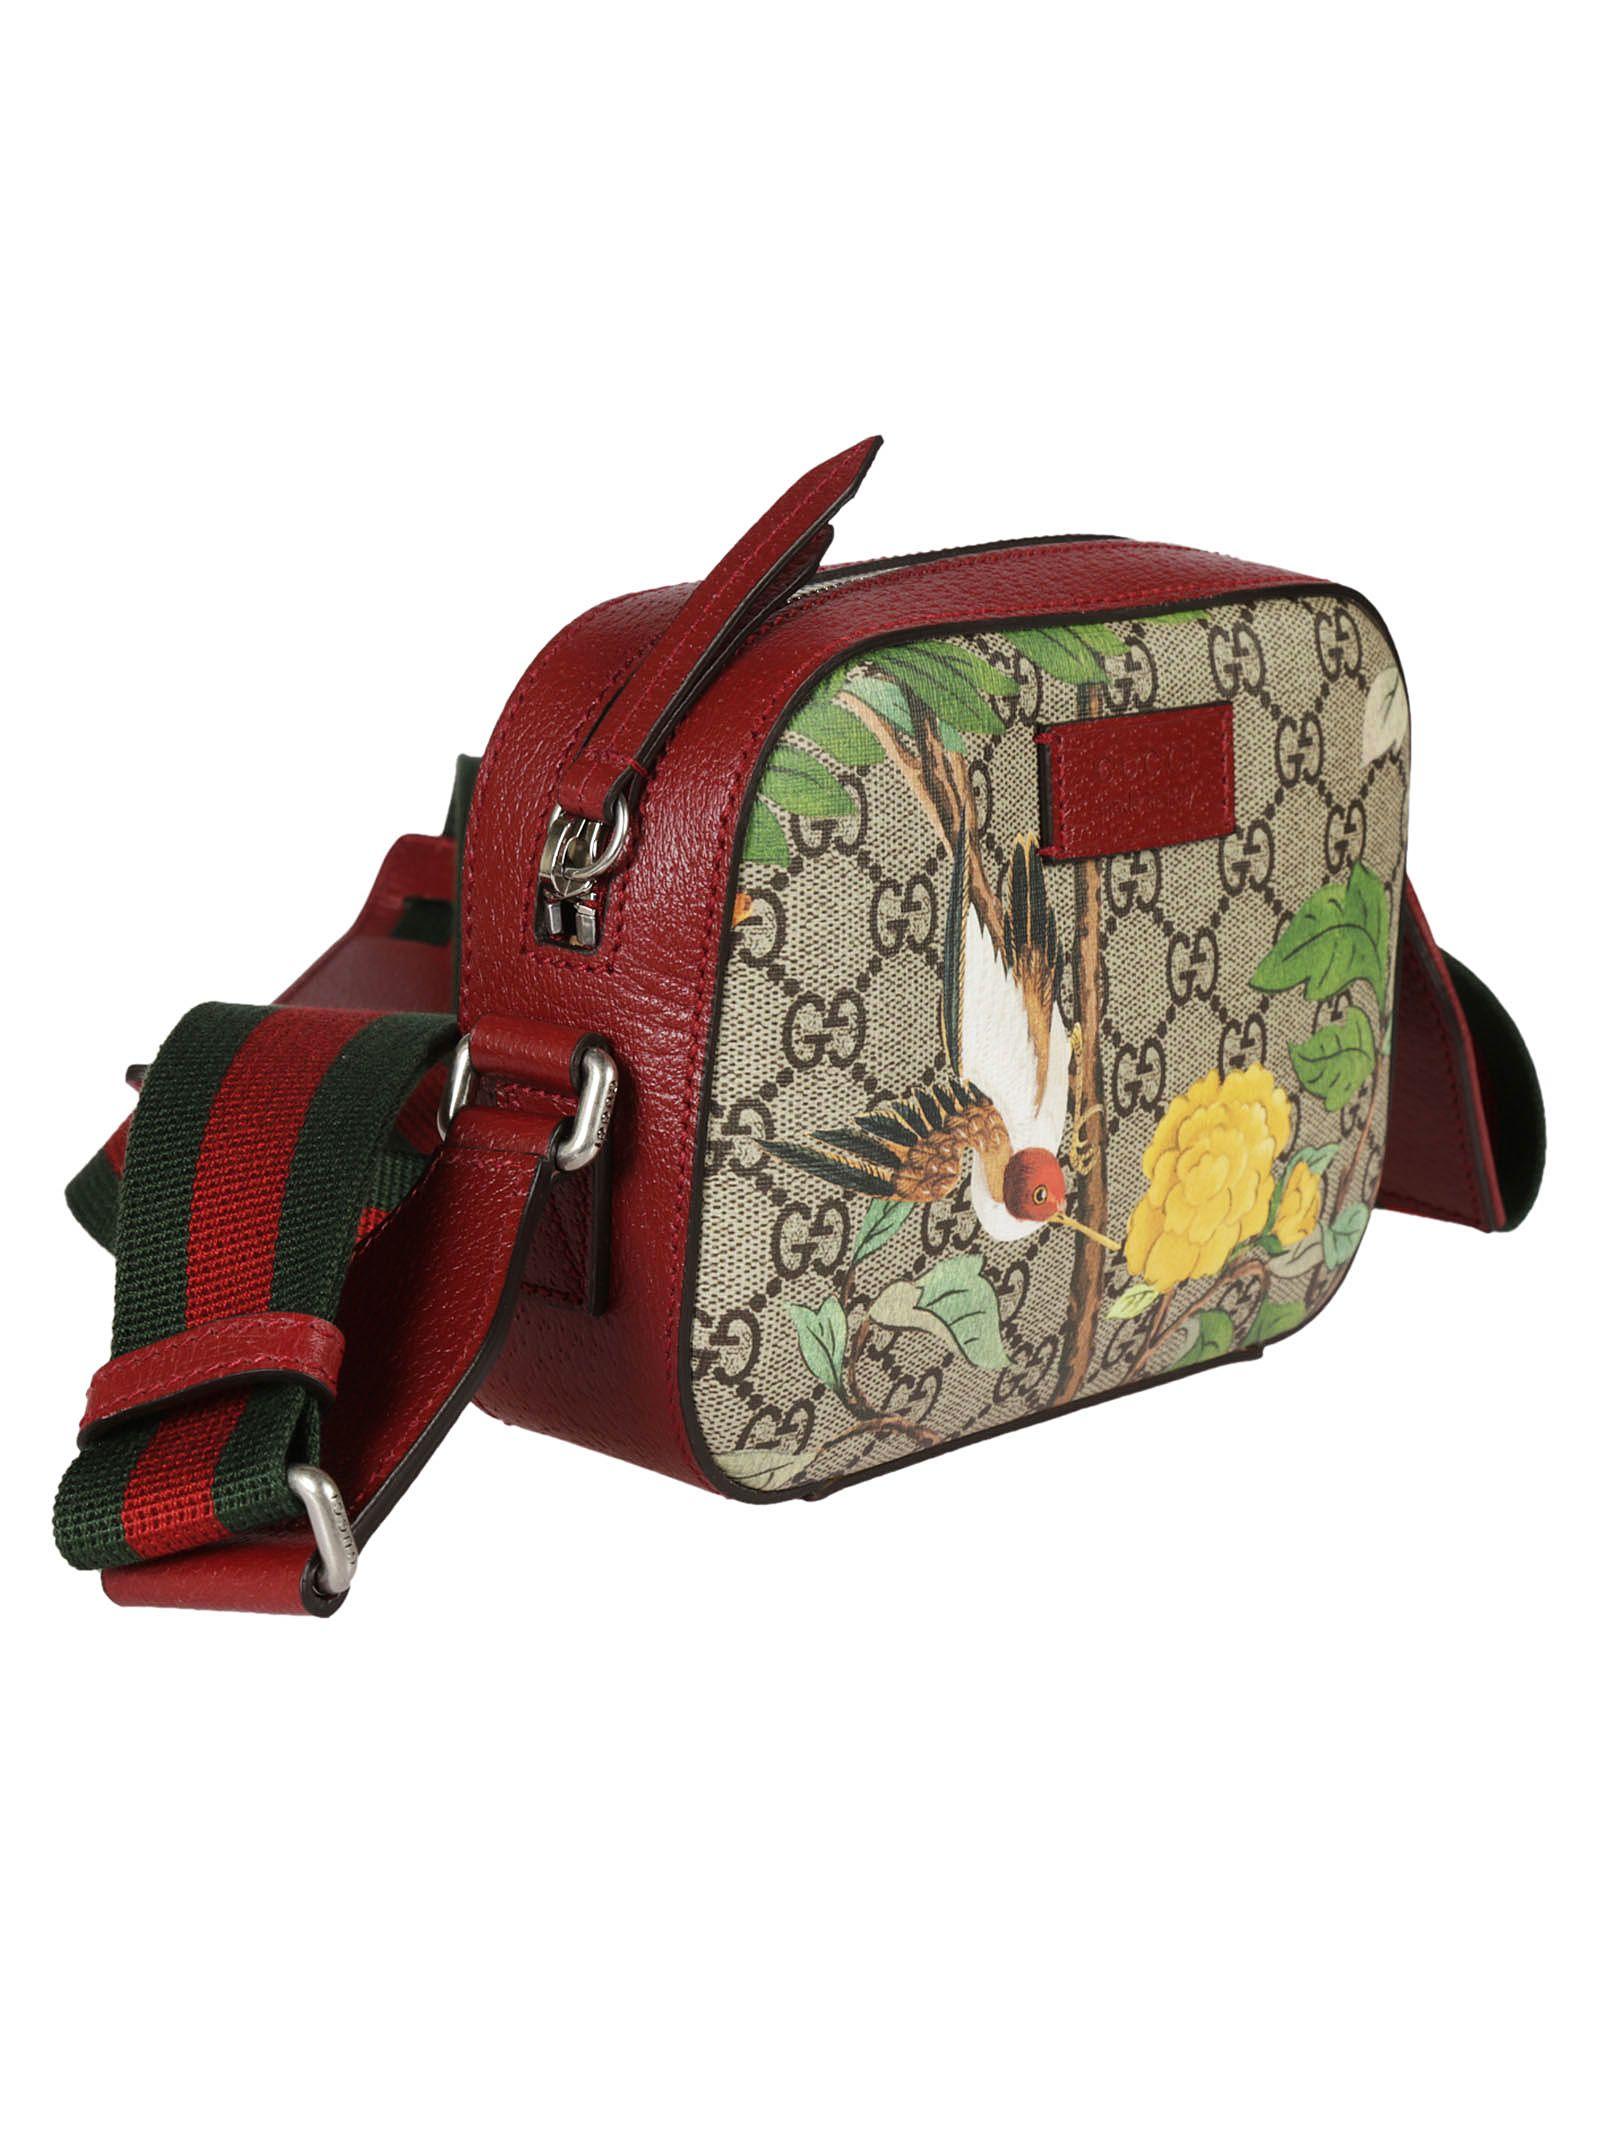 Gucci Gucci Tian Print GG Supreme Shoulder Bag - Multicolor ... 6e5a59c5439e1